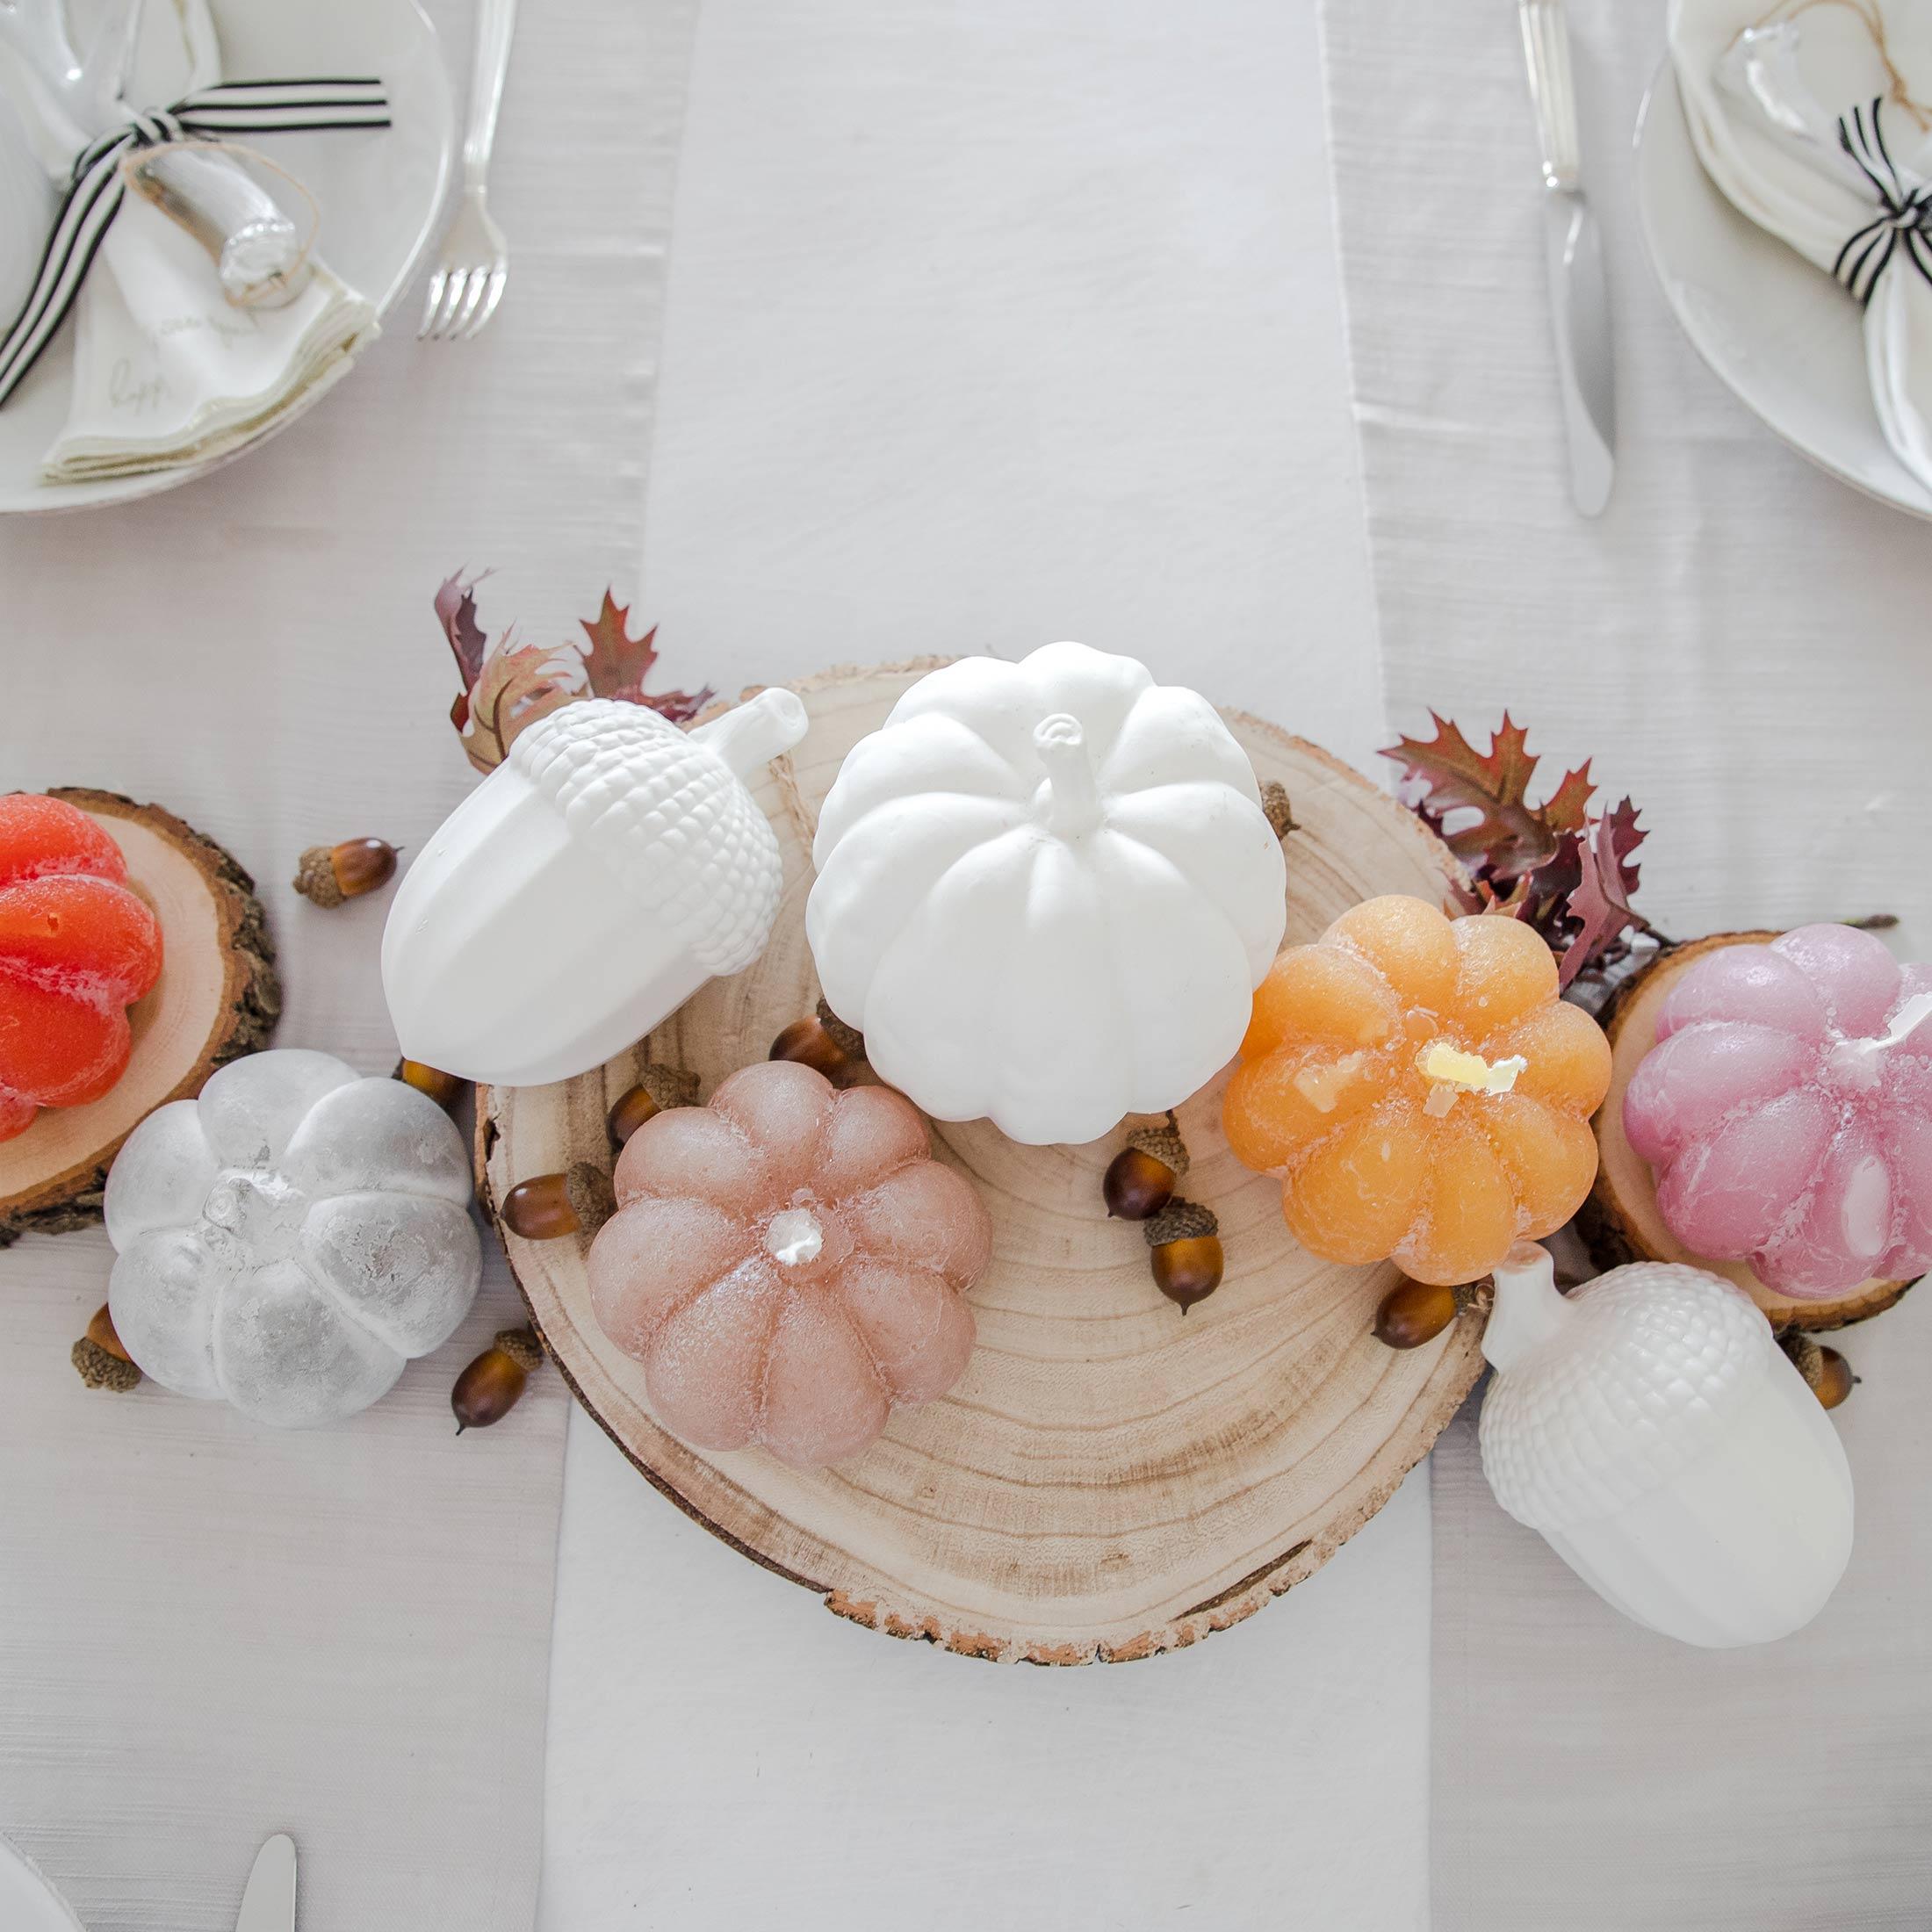 Kürbis Kerze aus Paraffin Wachs für die Dekoration im Herbst, 50 Stunden Brenndauer. Kerzen in Kürbisform in vielen Farben des Herbst